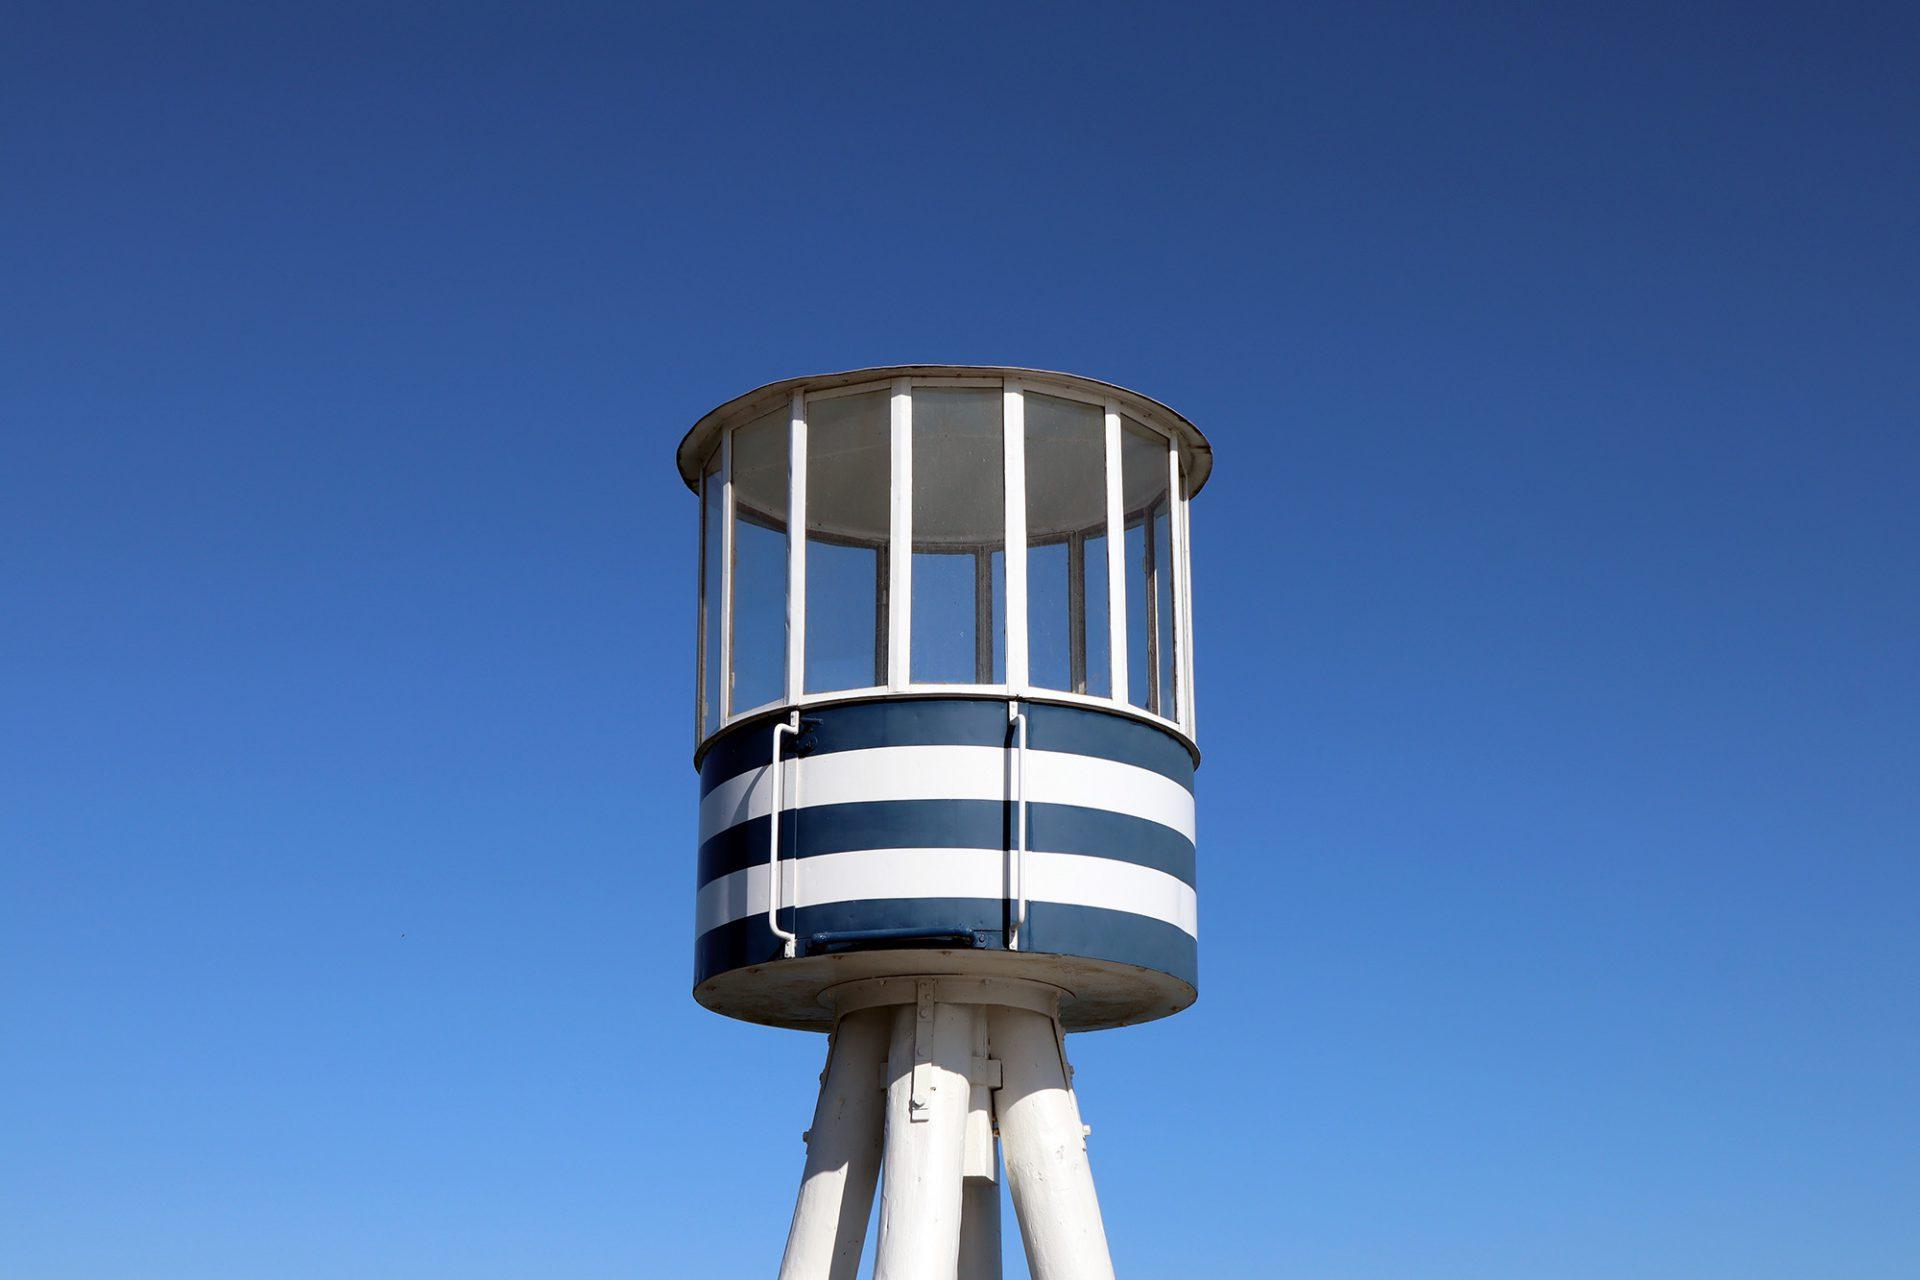 Bellevue Strandbad. Entwurf: Arne Jacobsen. Fertigstellung: 1932.